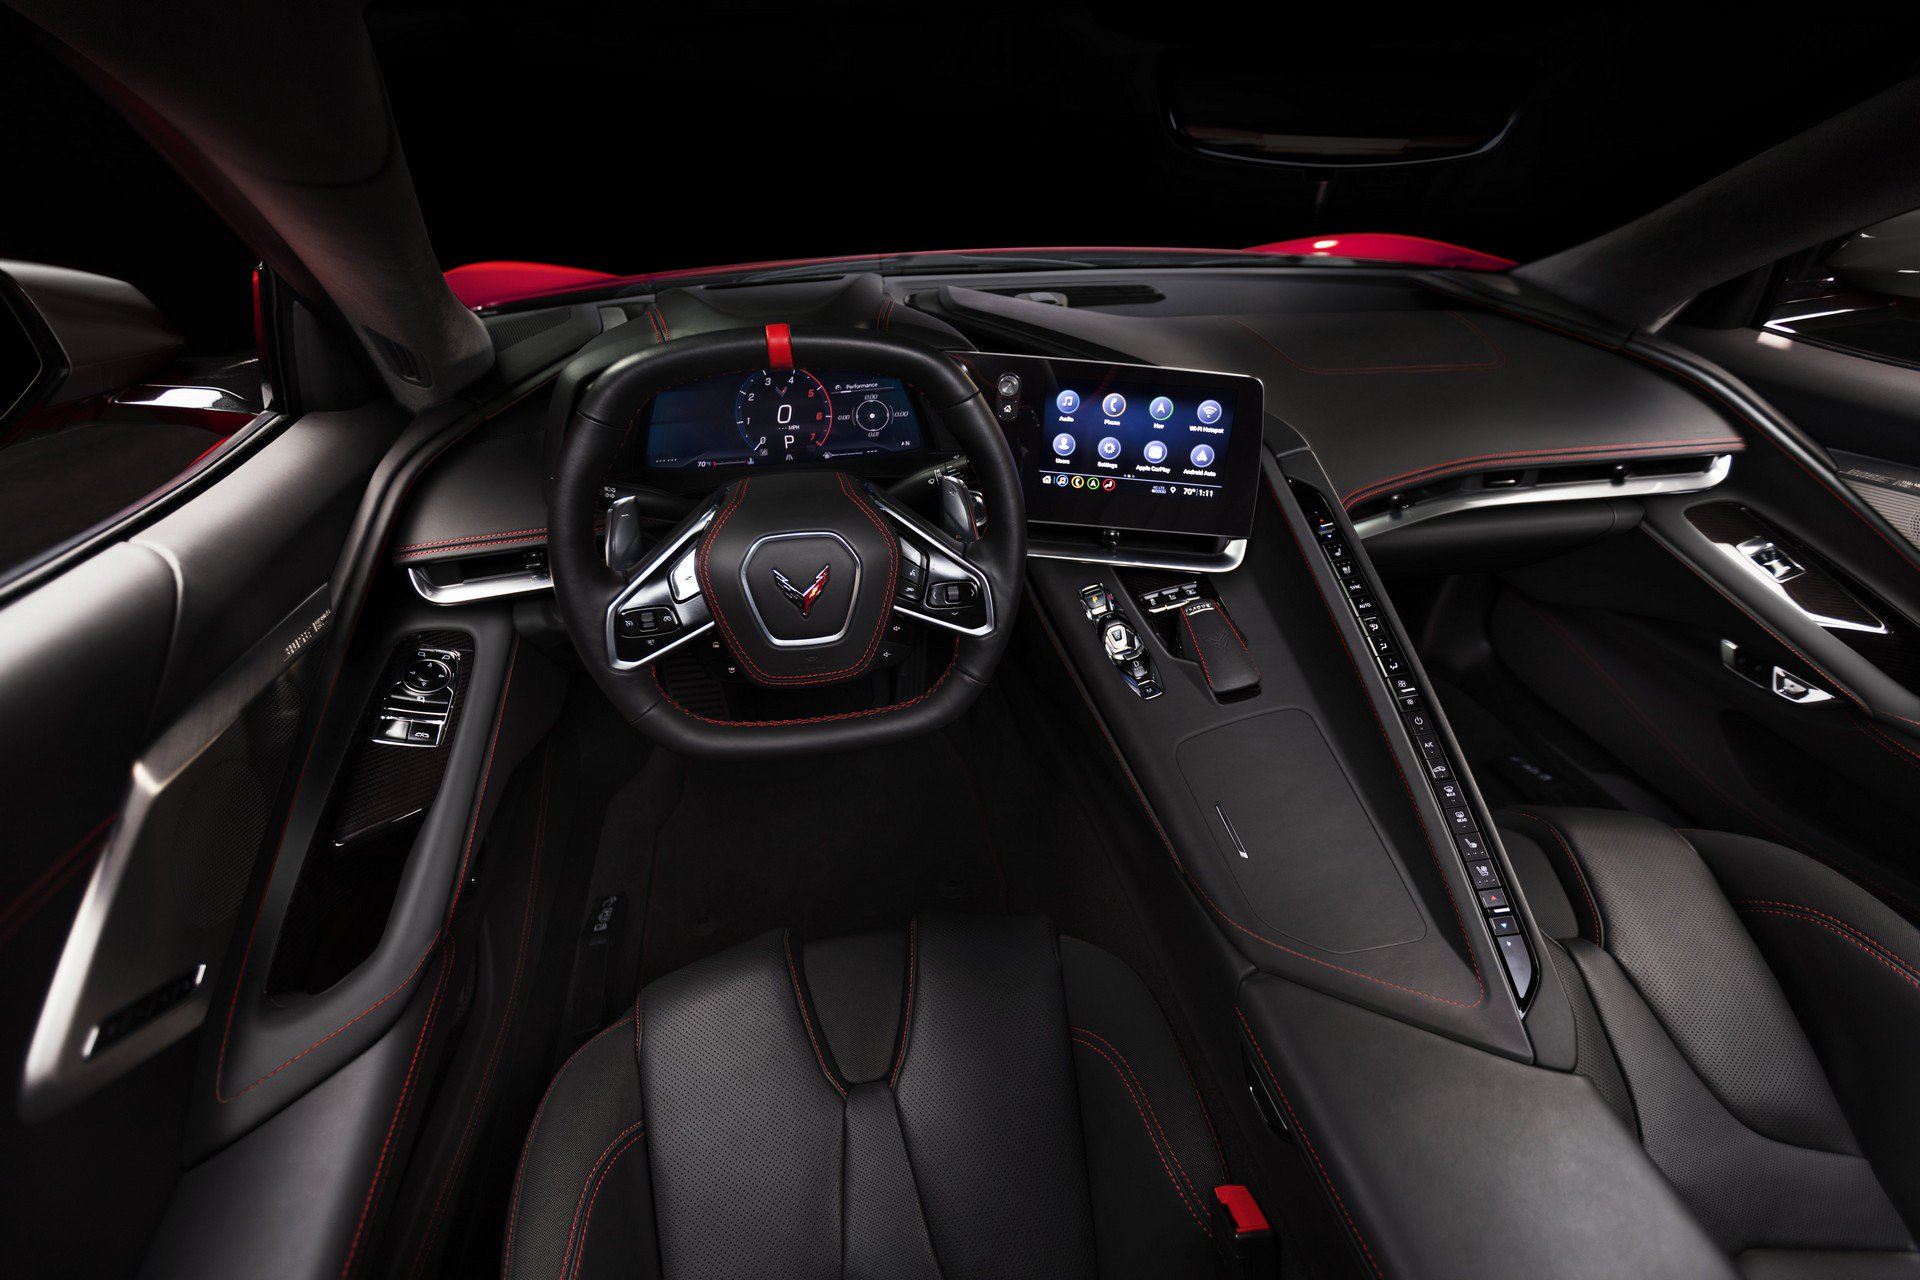 Chevrolet ra mắt Corvette C8 thế hệ mới thiết kế táo bạo, động cơ đặt giữa - 25